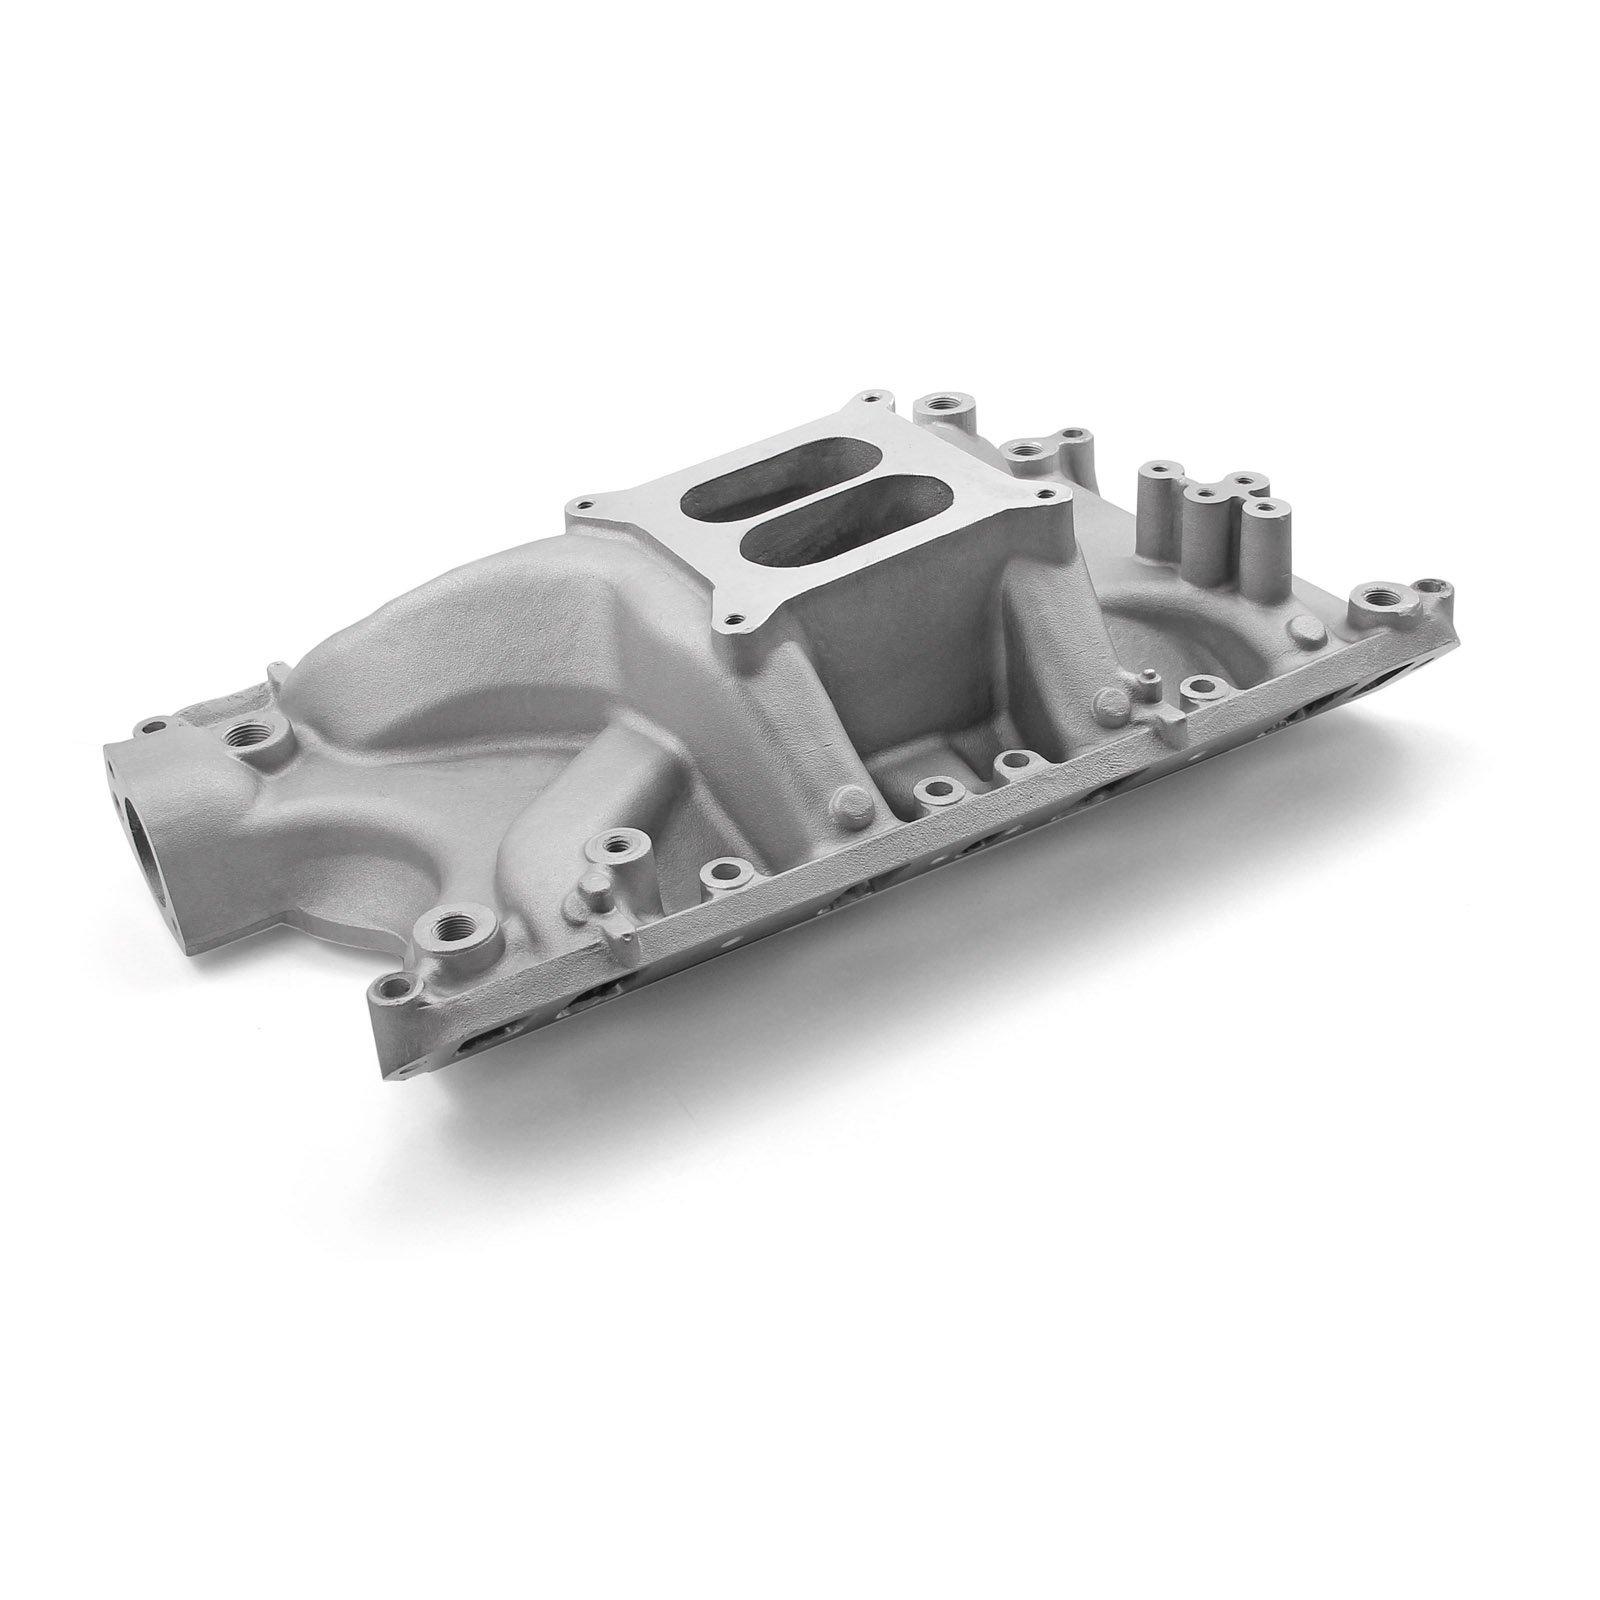 Speedmaster PCE147.1045 Qualifier Intake Manifolds, Carbureted by Speedmaster